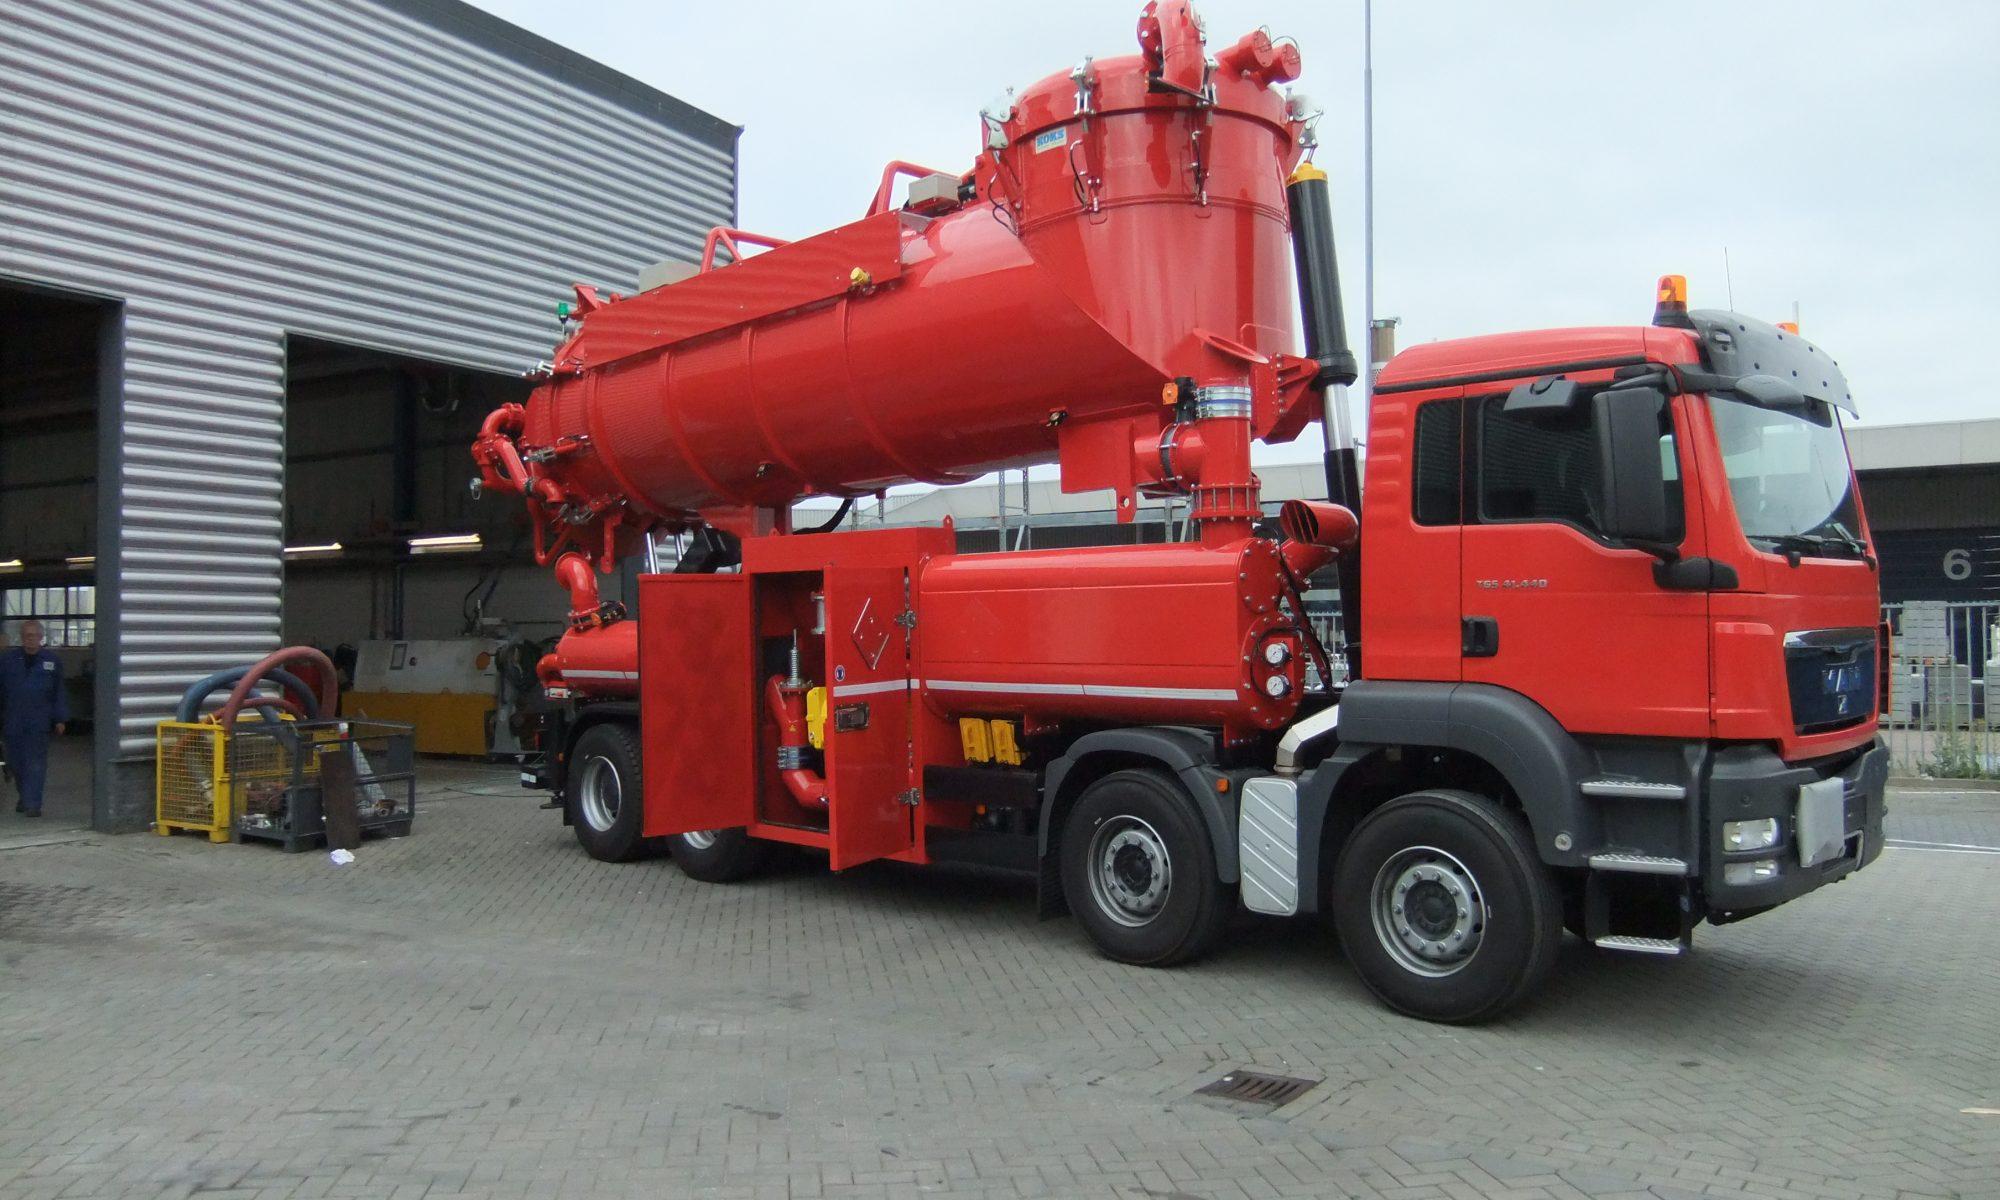 Red Vacuum Truck